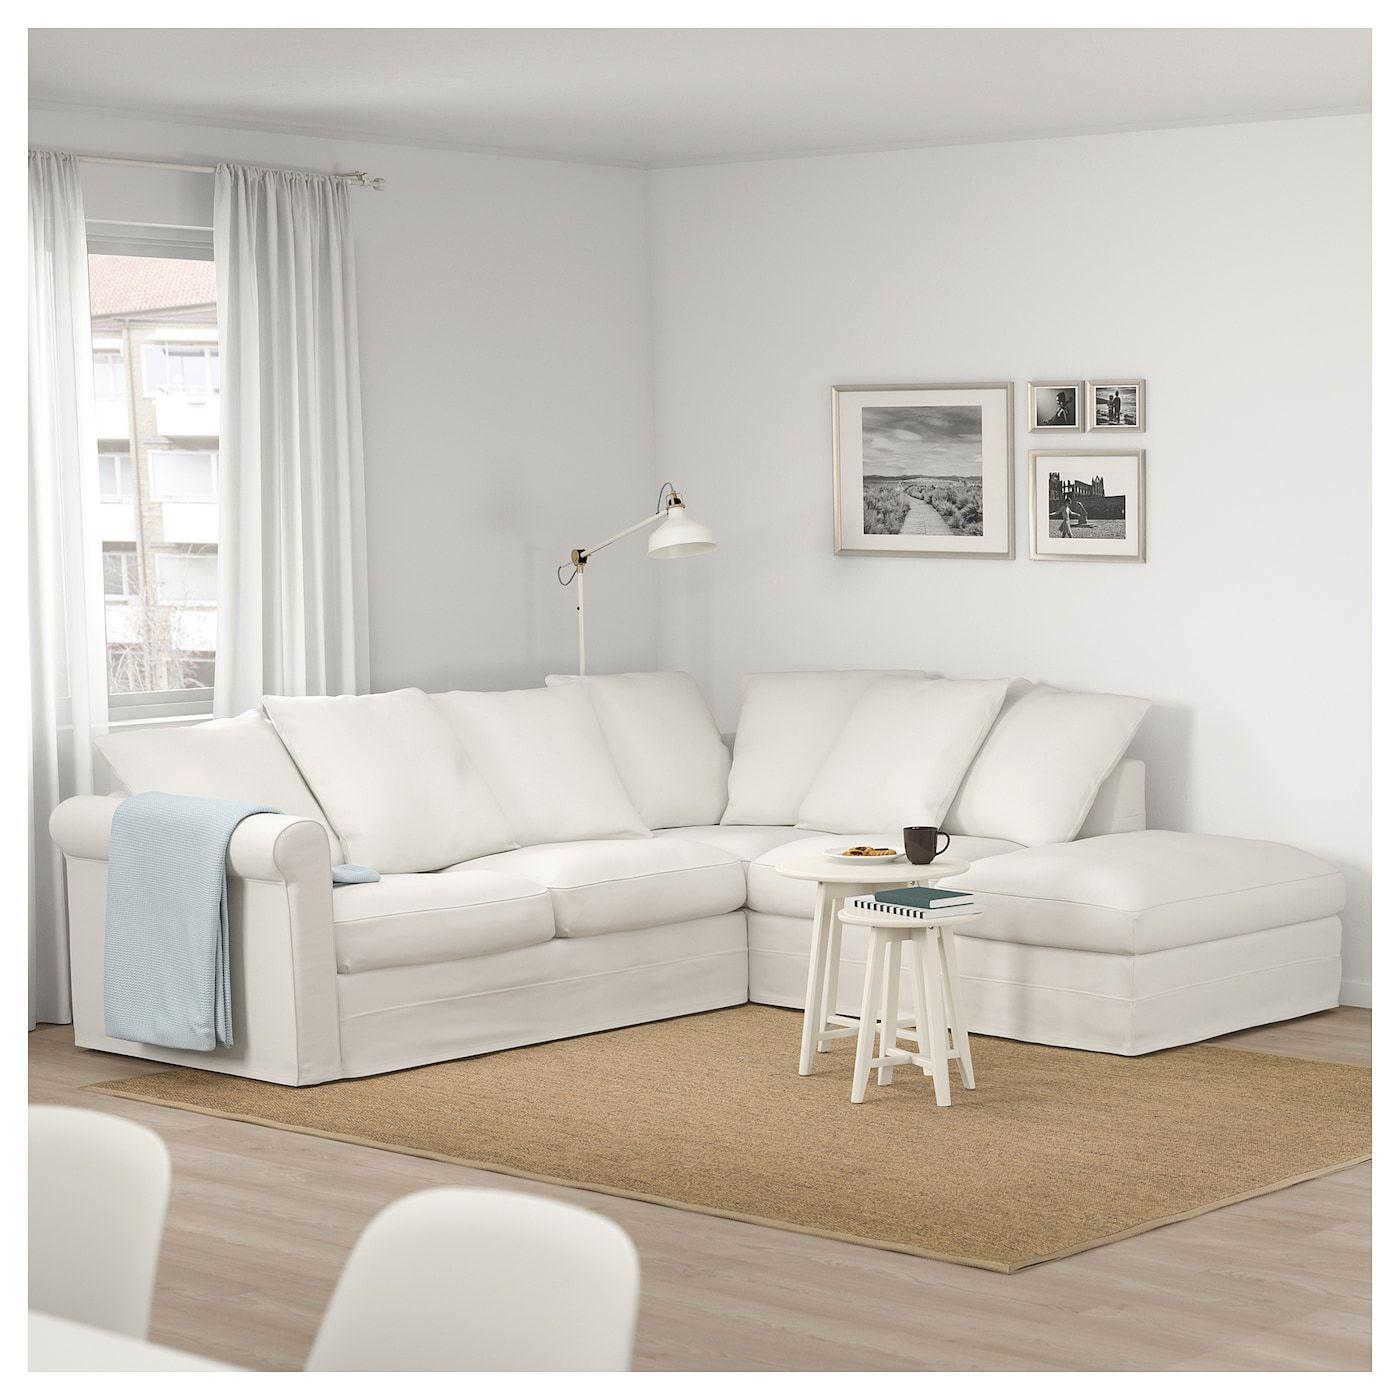 Divano Angolare Piccolo Ikea.Gronlid Divano Angolare A 4 Posti Con Terminale Aperto Inseros